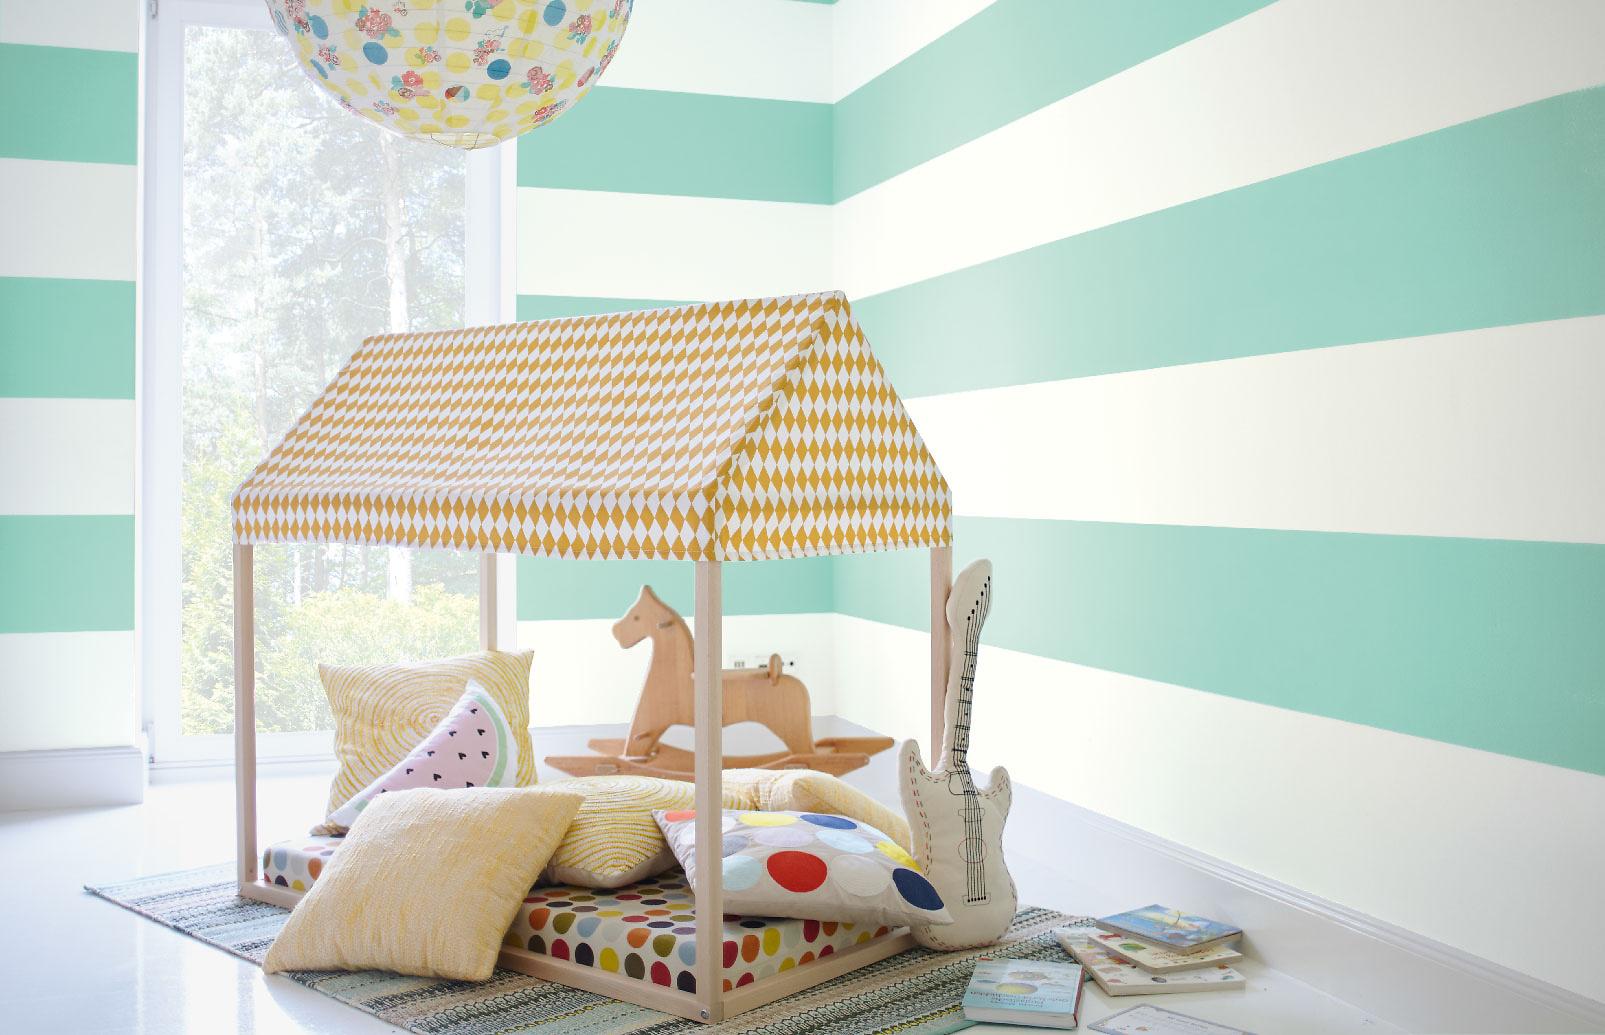 Full Size of Wandgestaltung In Babyzimmer Und Kinderzimmer Regale Regal Weiß Sofa Wohnzimmer Wandgestaltung Kinderzimmer Jungen